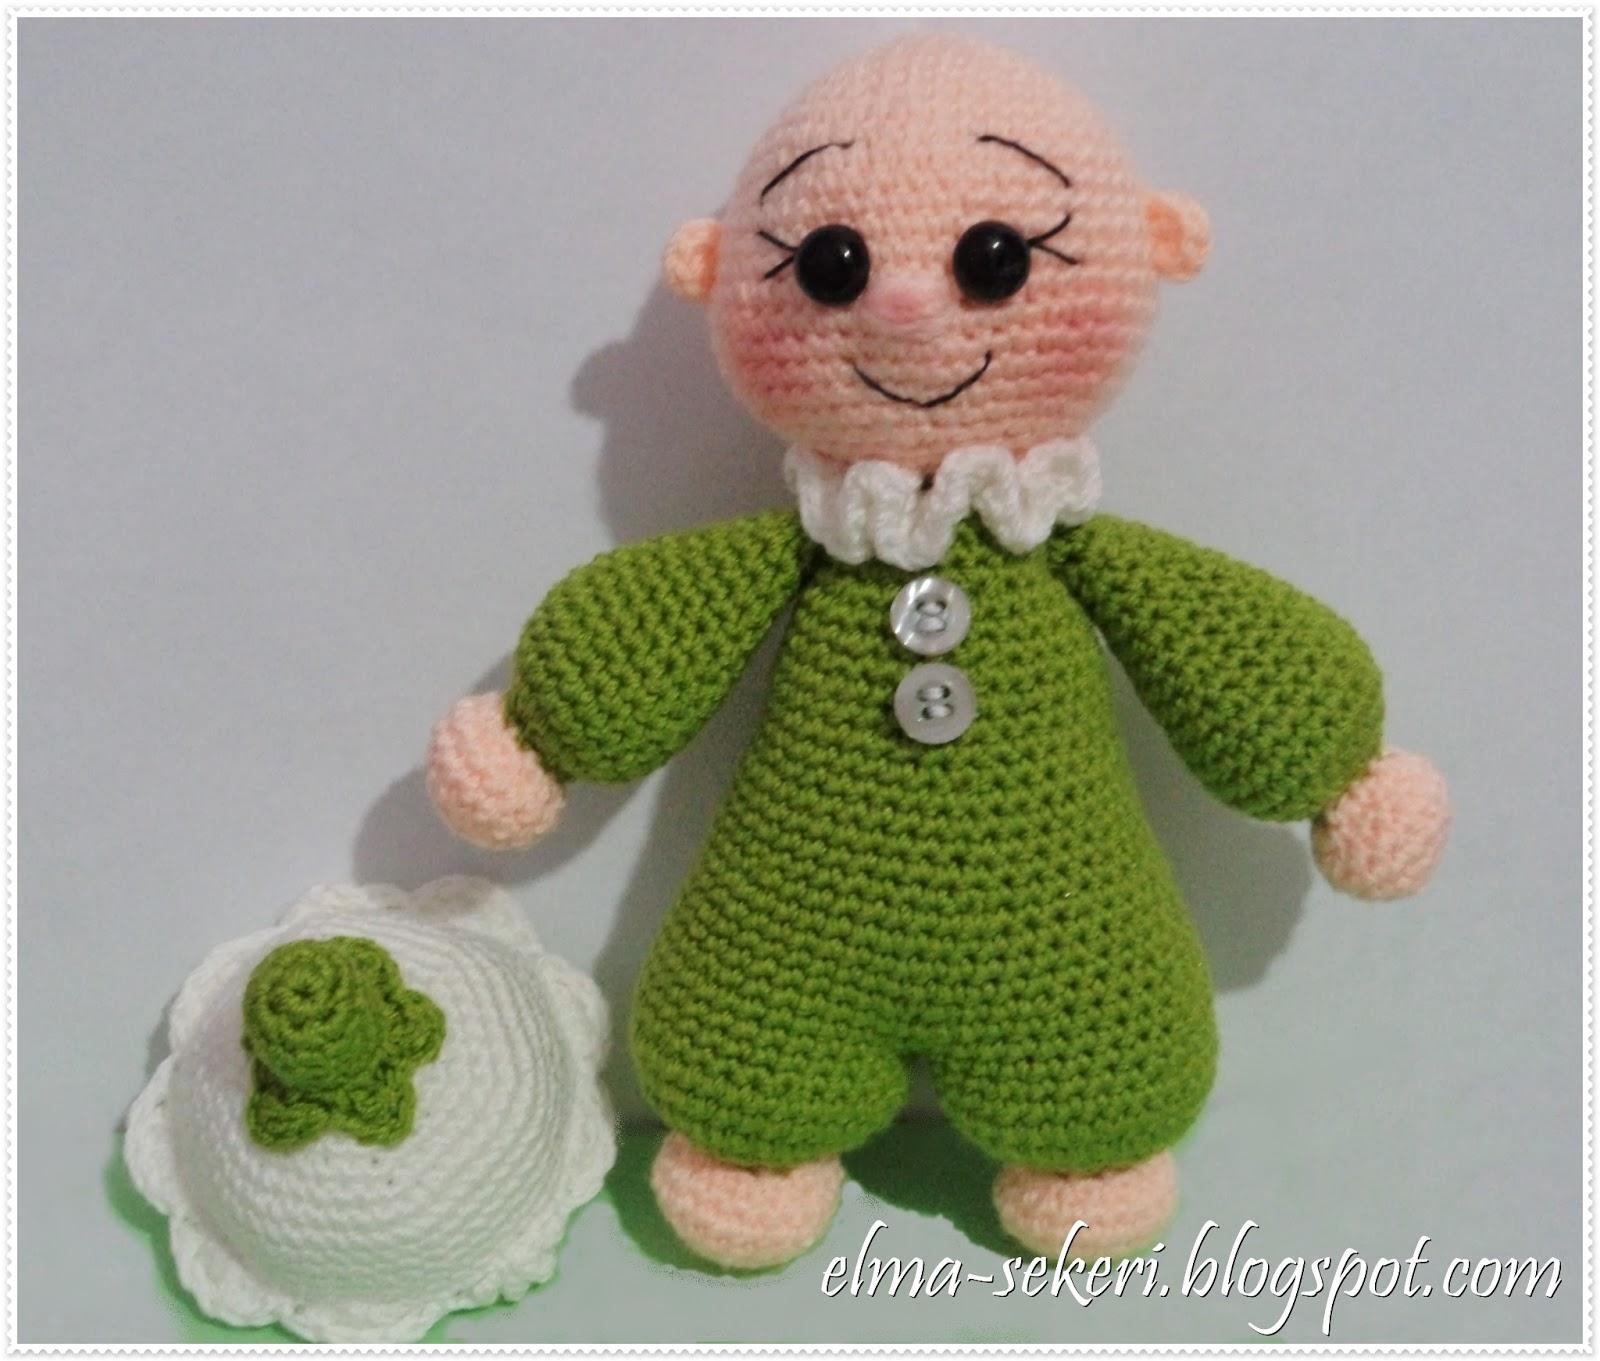 Amigurumi Uyku Arkadaşı : Elma ekeri el sanatlar at�lyesi amigurumi bebekler ve